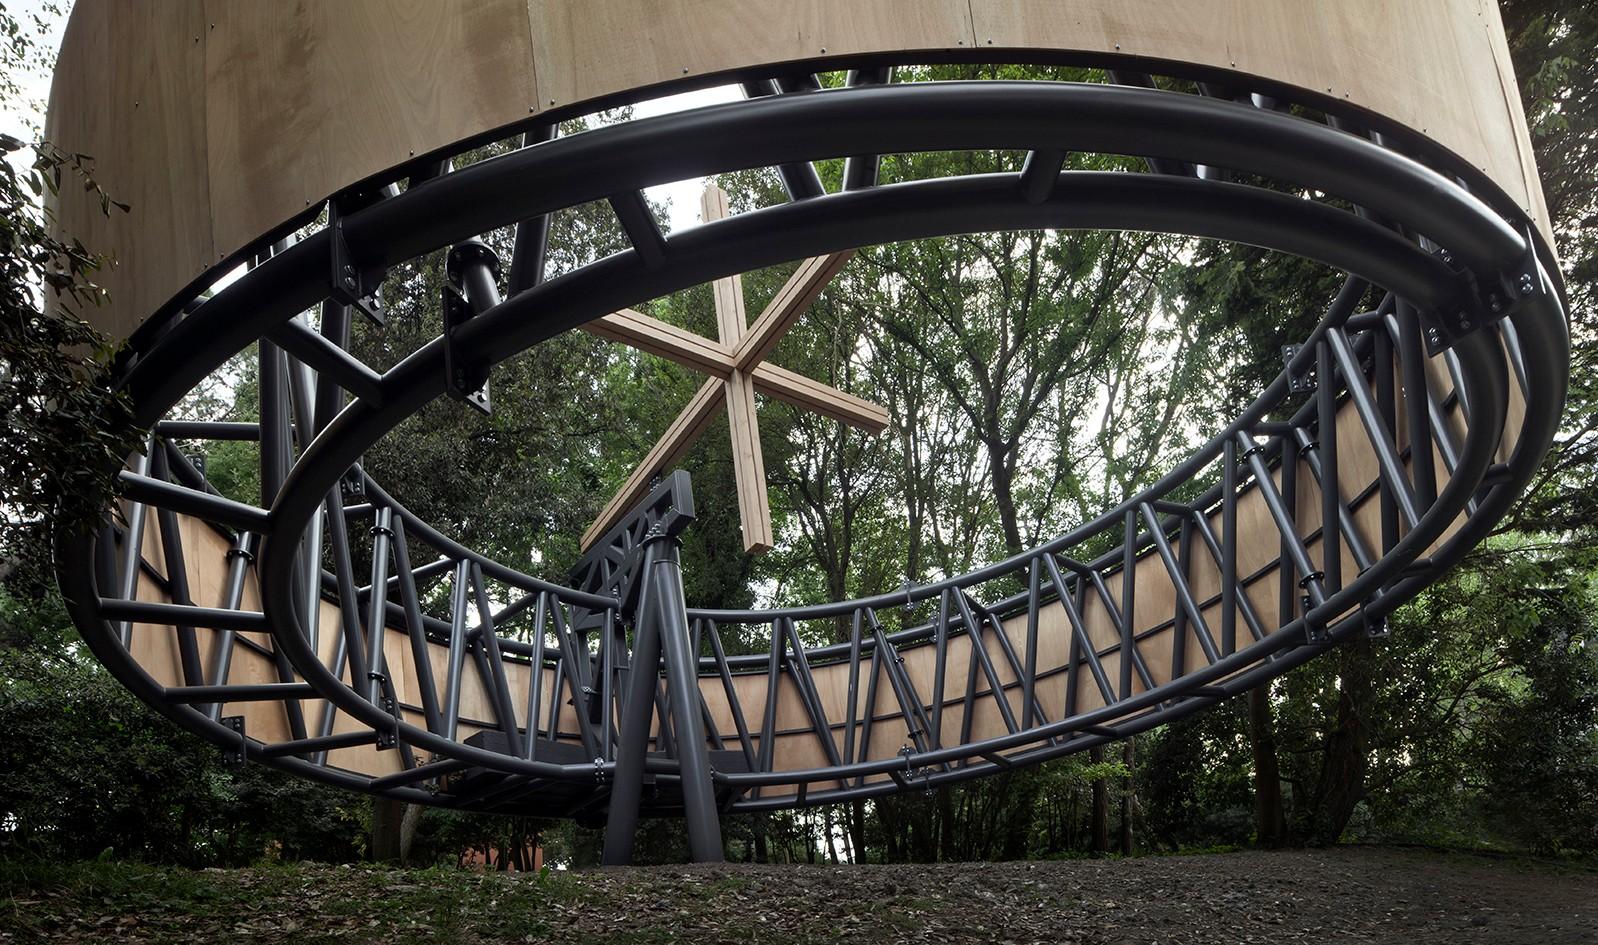 Ватикан на 16-й Архитектурной биеннале в Венеции выступил рачительным заказчиком и реализовал проекты архитекторов